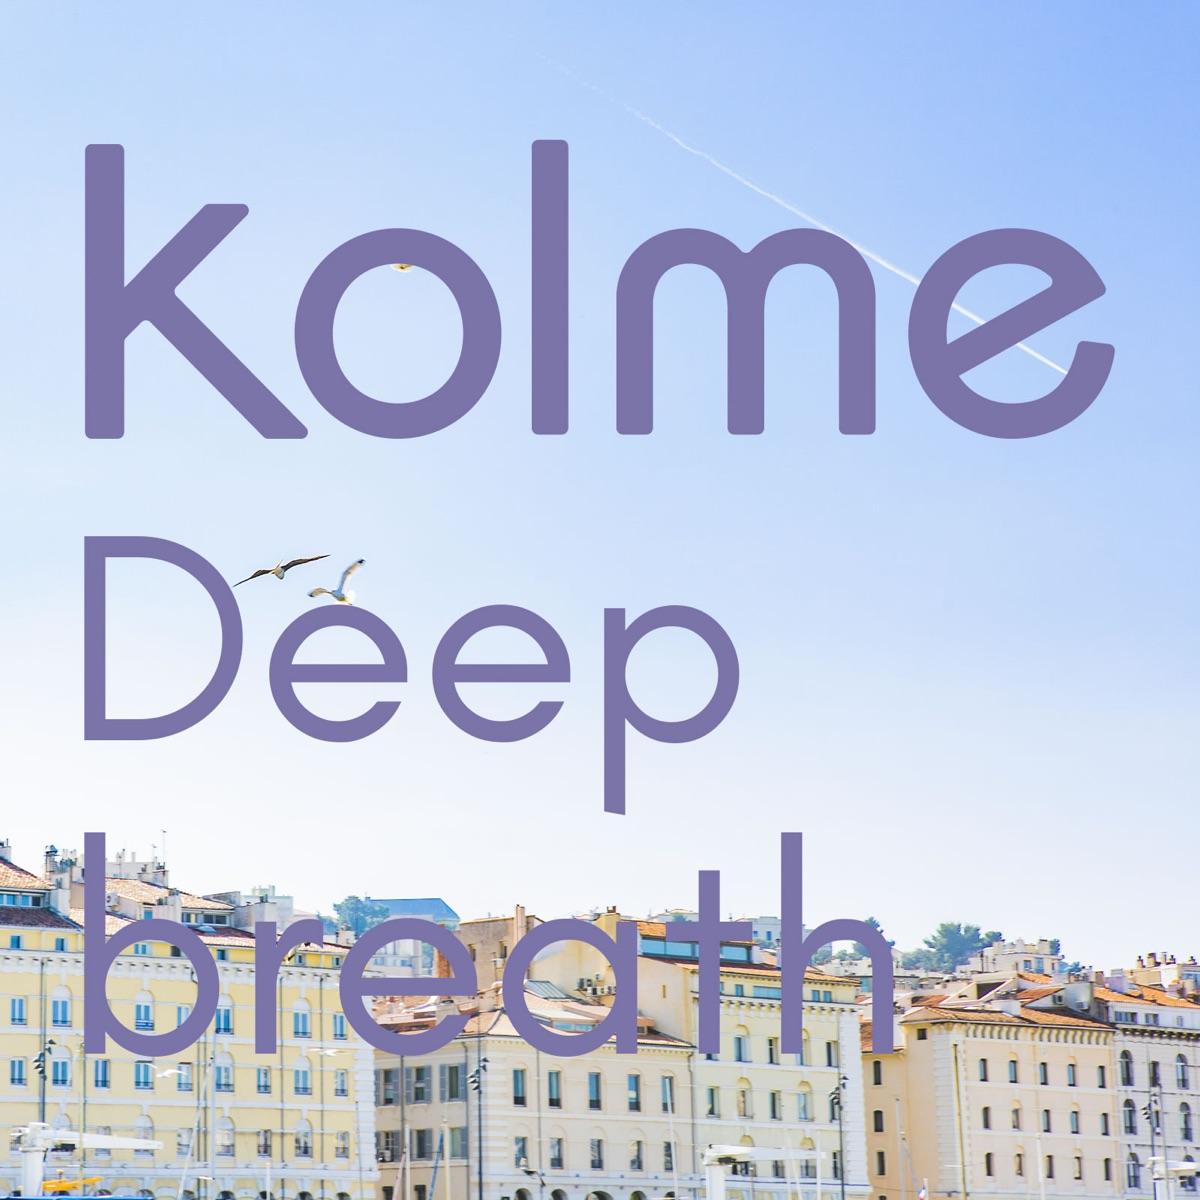 『kolme - Deep breath』収録の『Deep breath』ジャケット